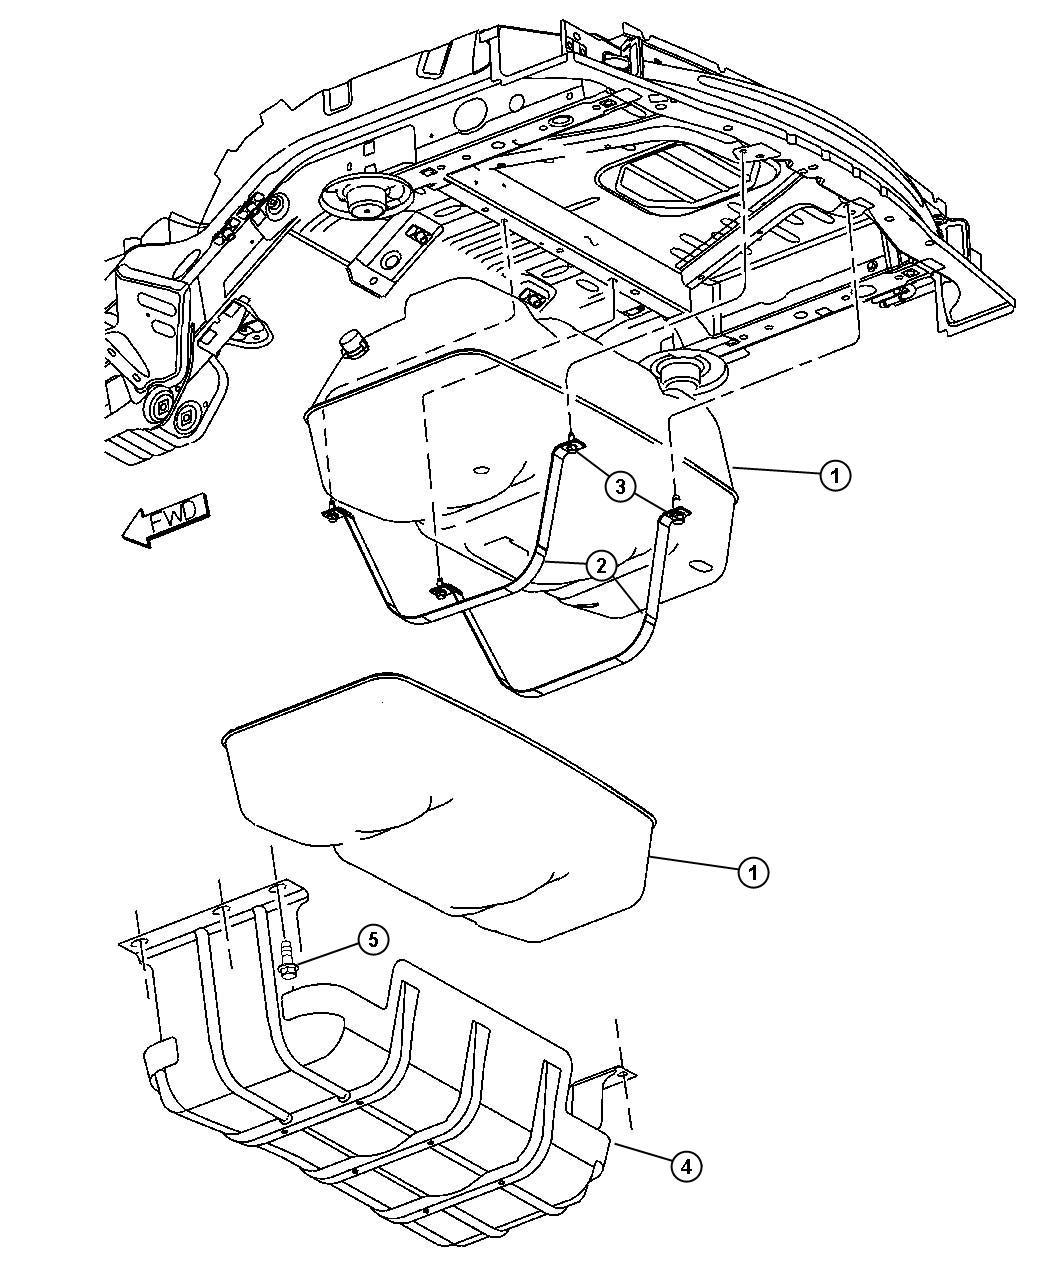 52128911al - Jeep Tank  Fuel